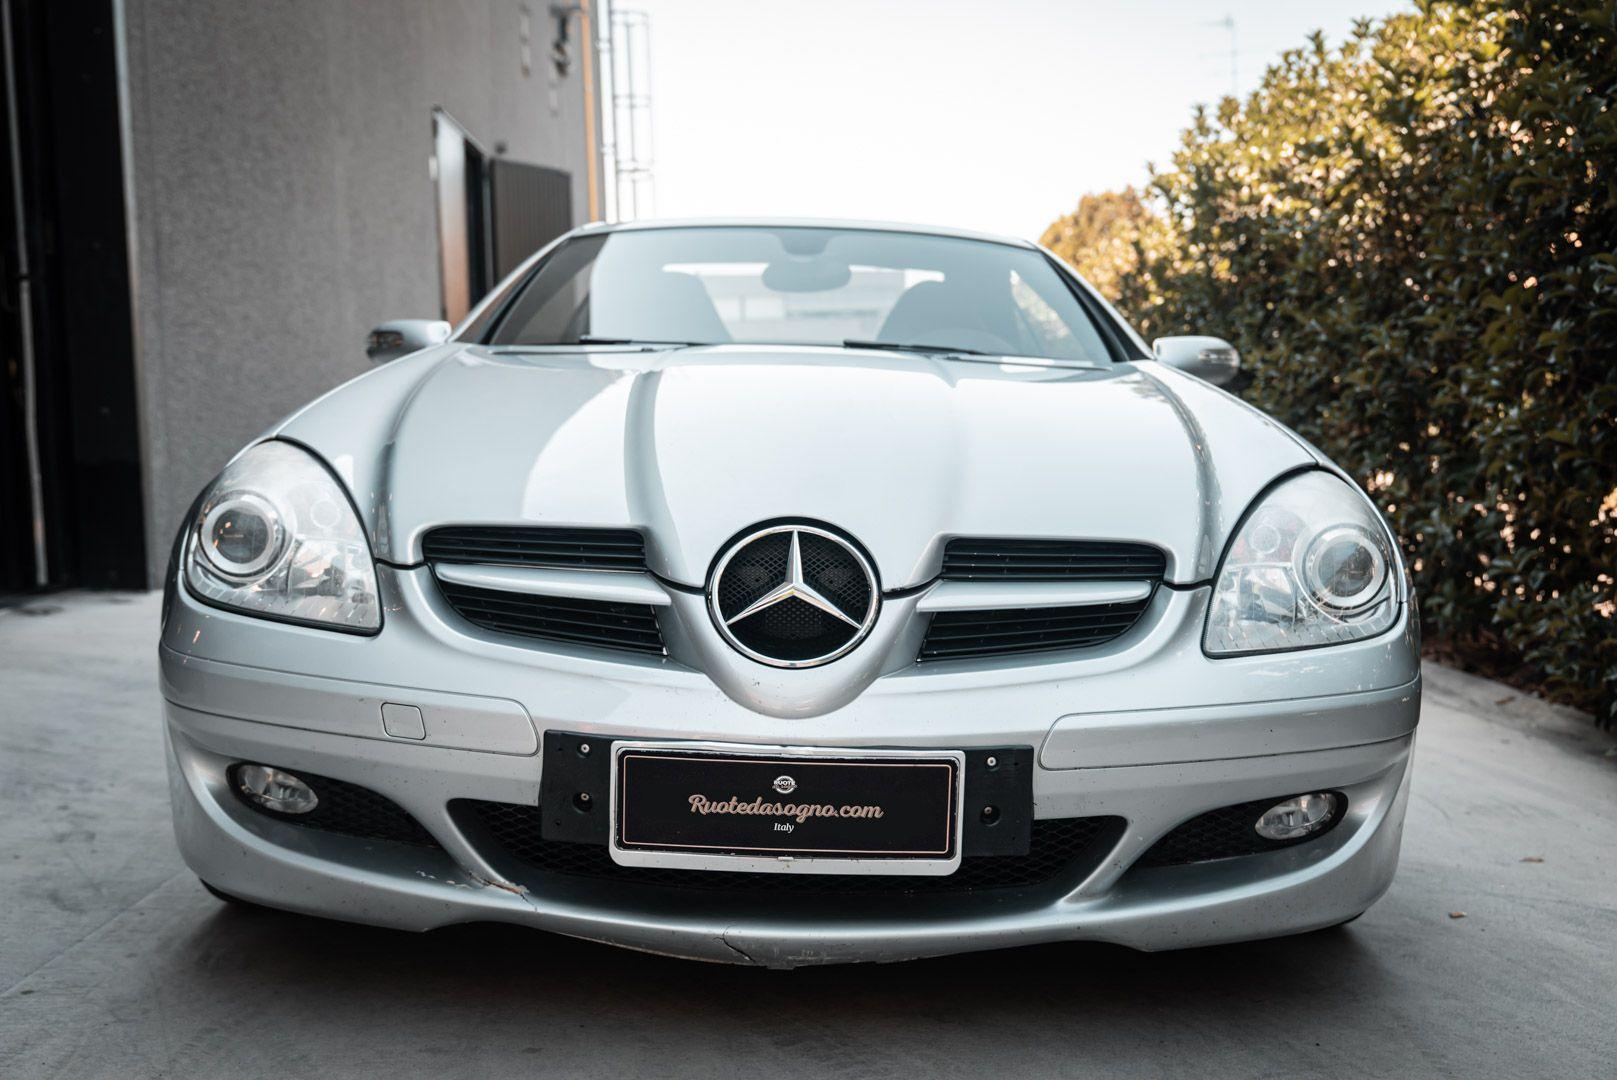 2004 Mercedes Benz SLK 200 Kompressor 80652